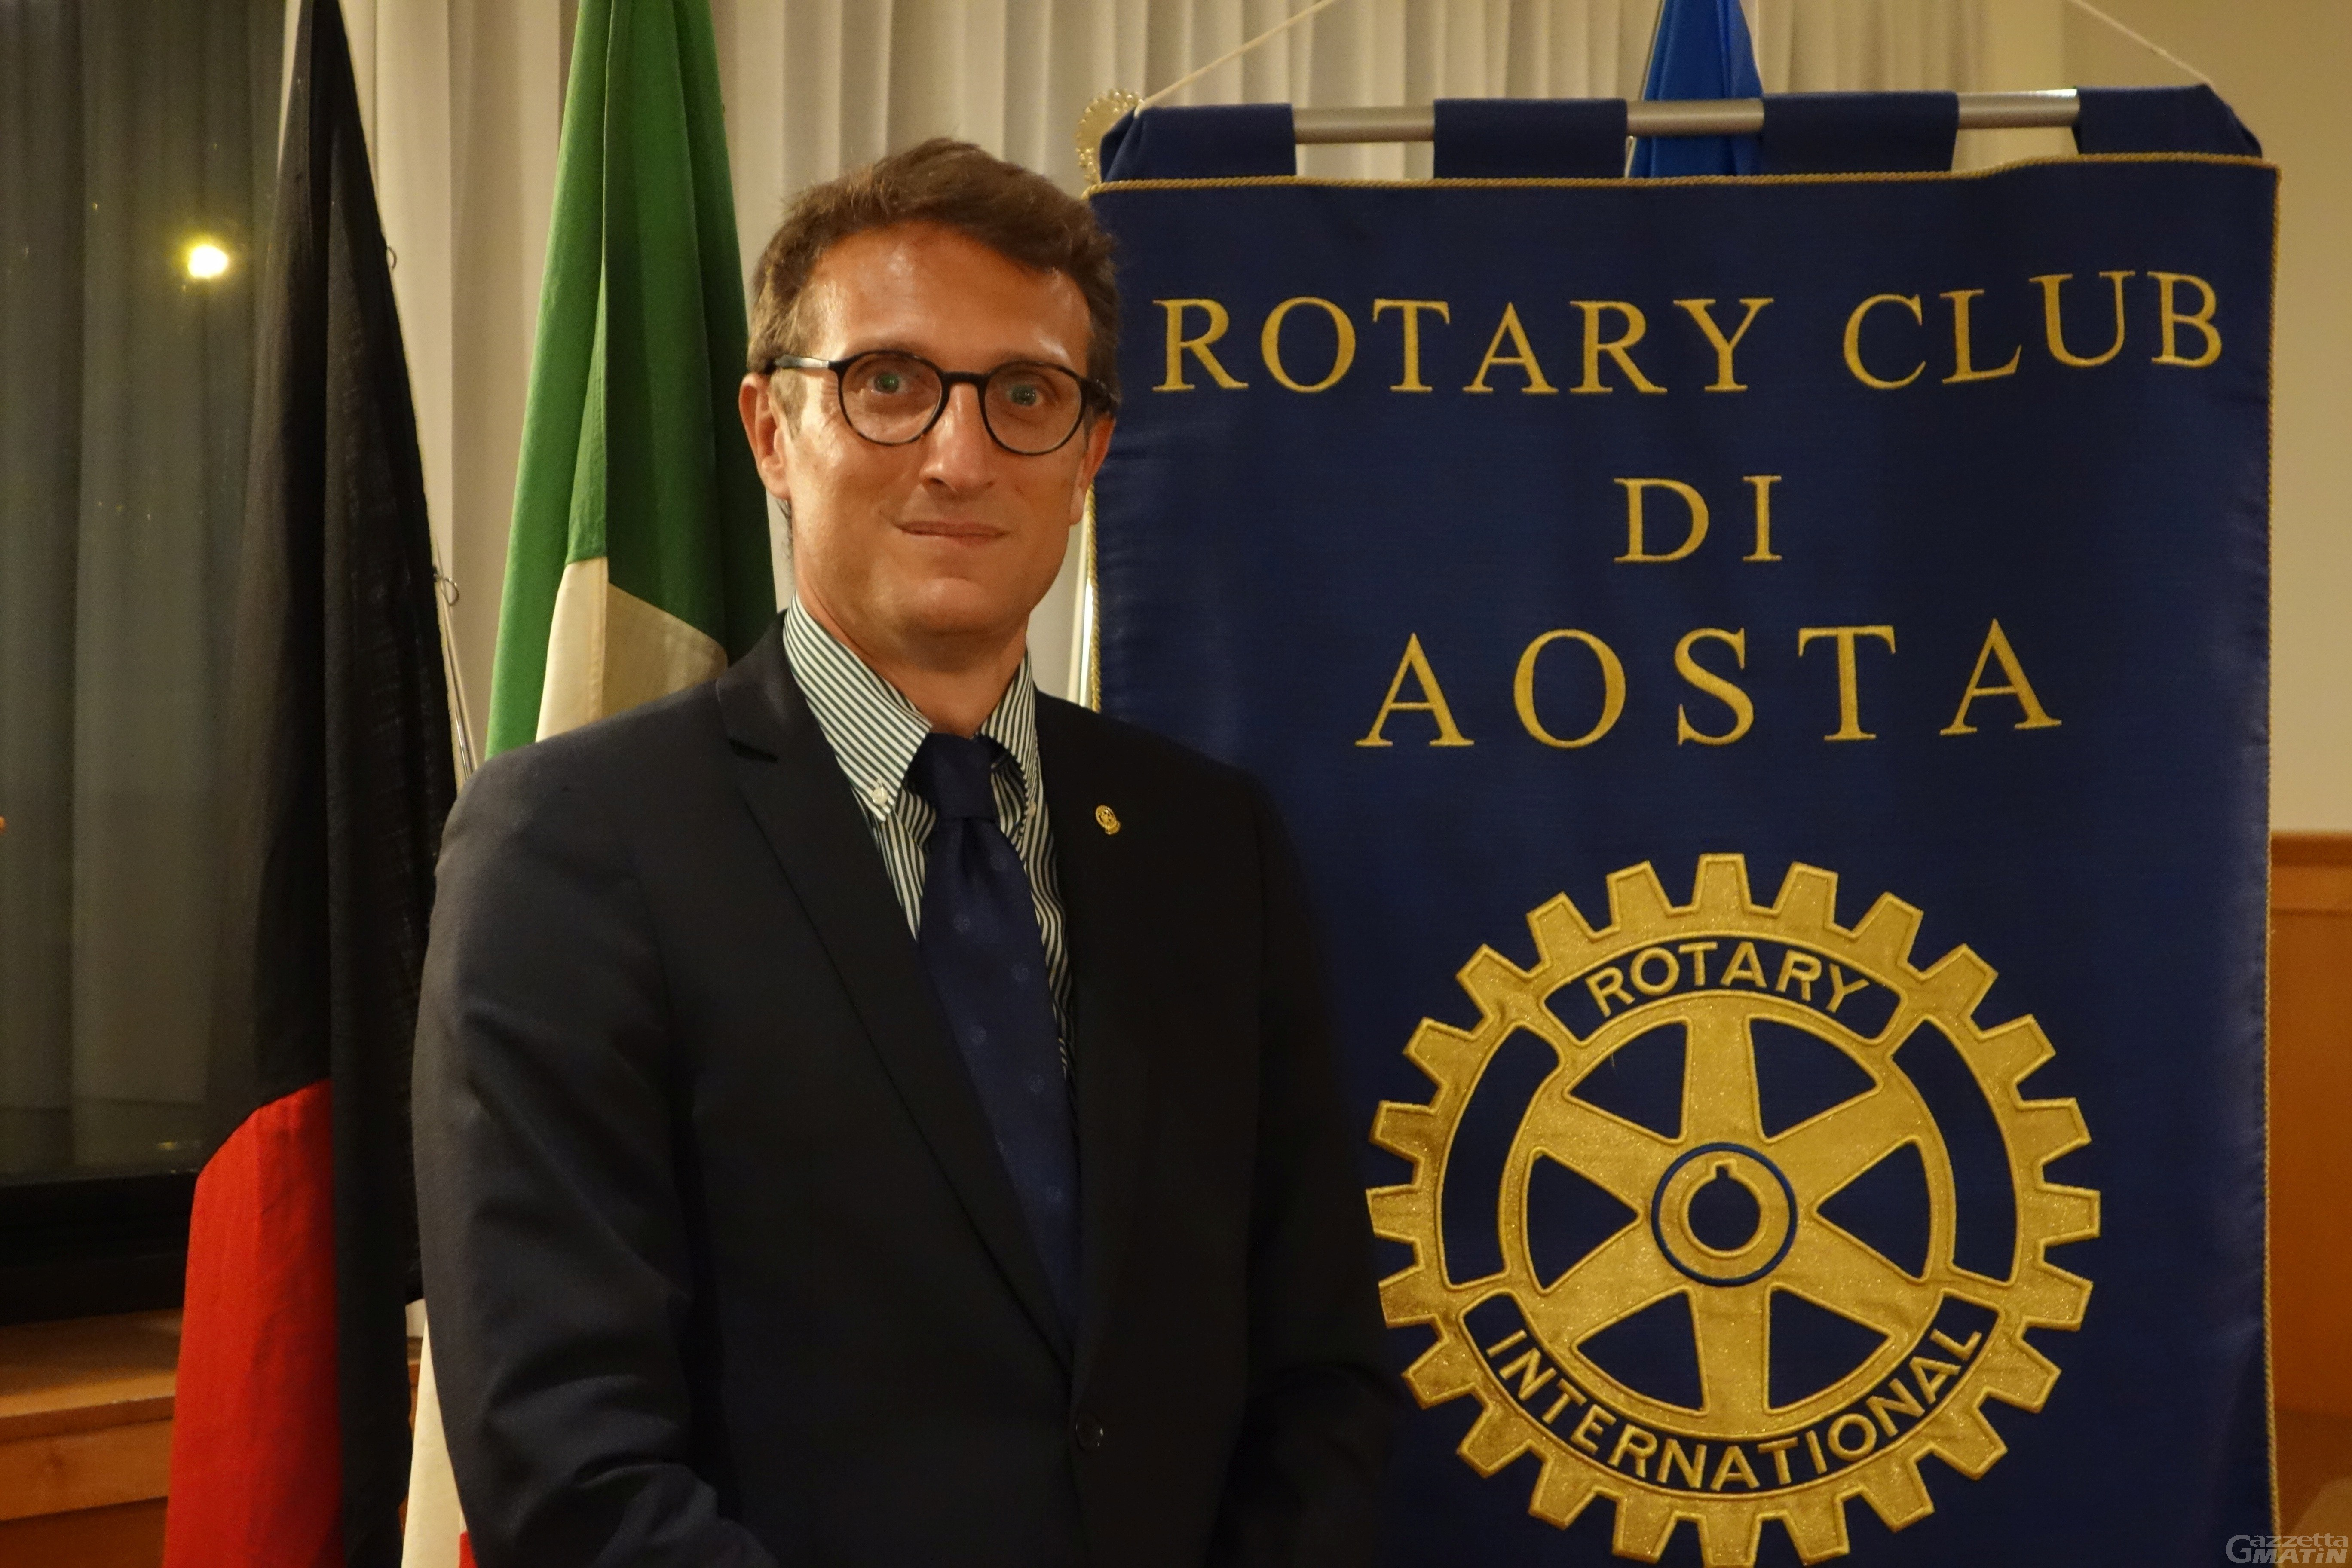 Dal Rotary Club di Aosta 4.100 euro per sostenere il recupero scolastico